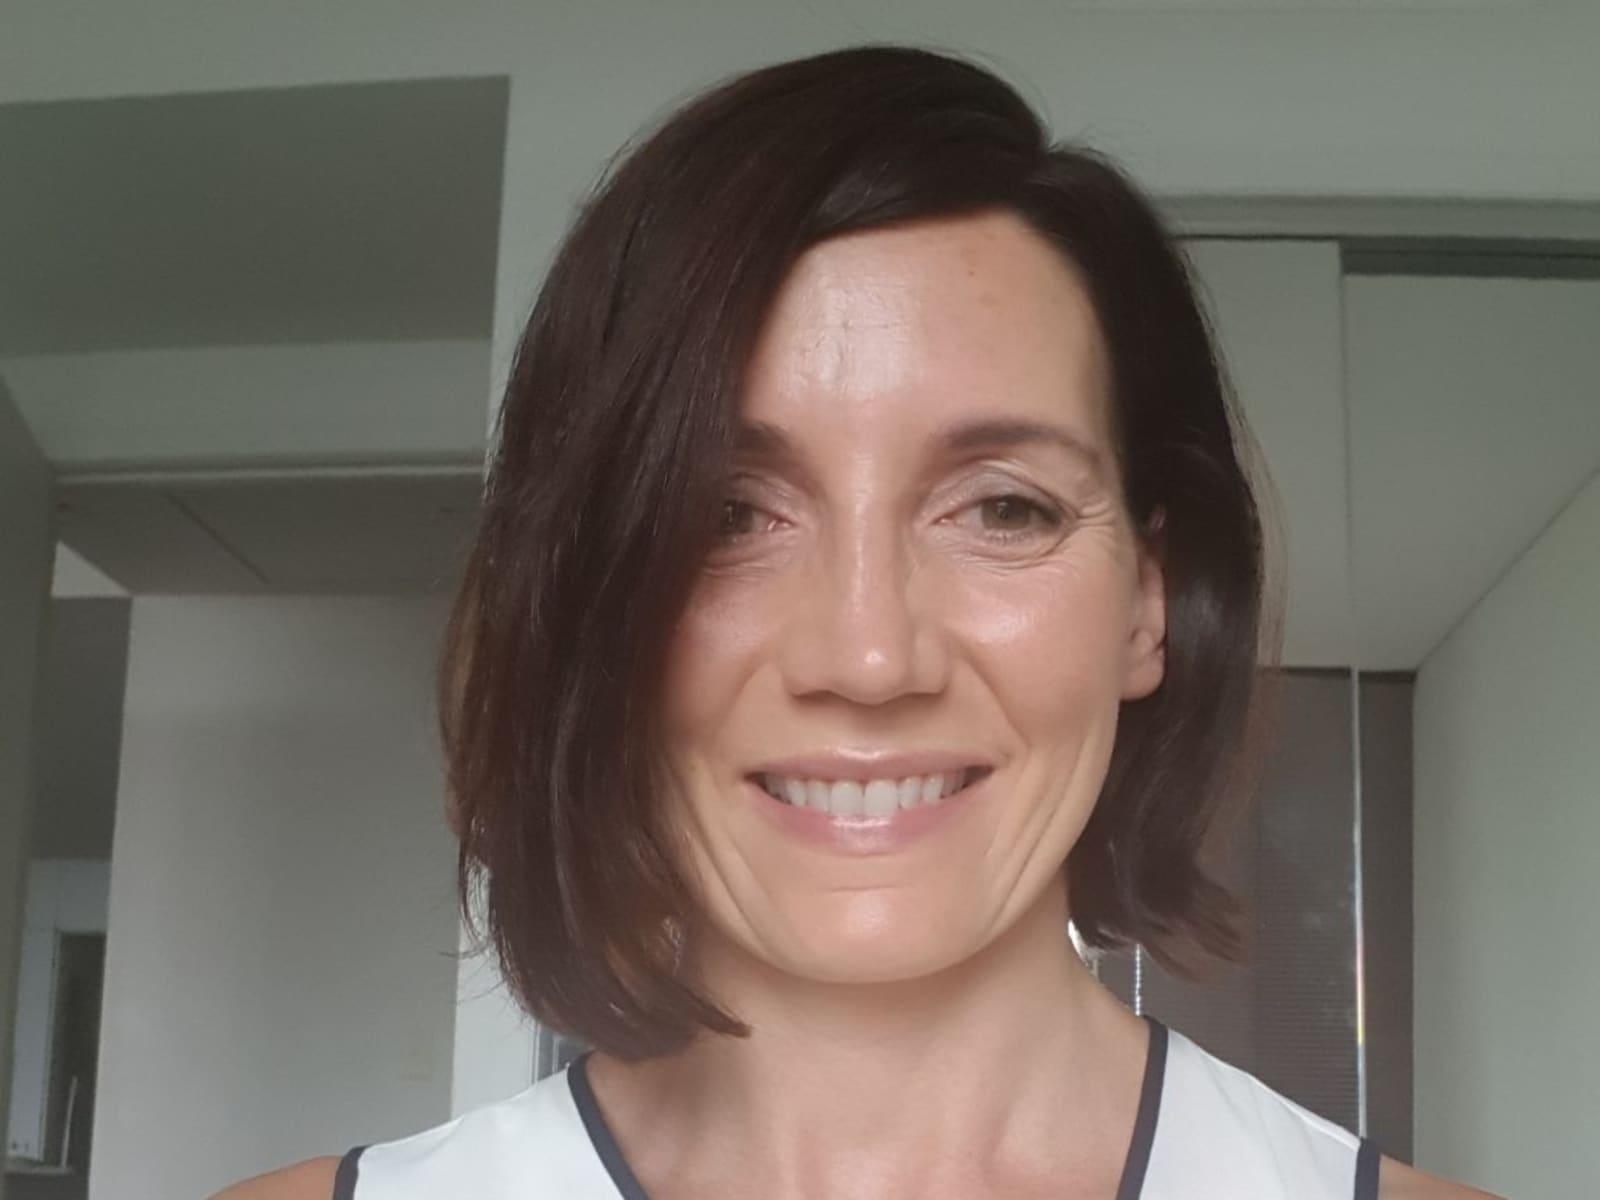 Nicole from Melbourne, Victoria, Australia